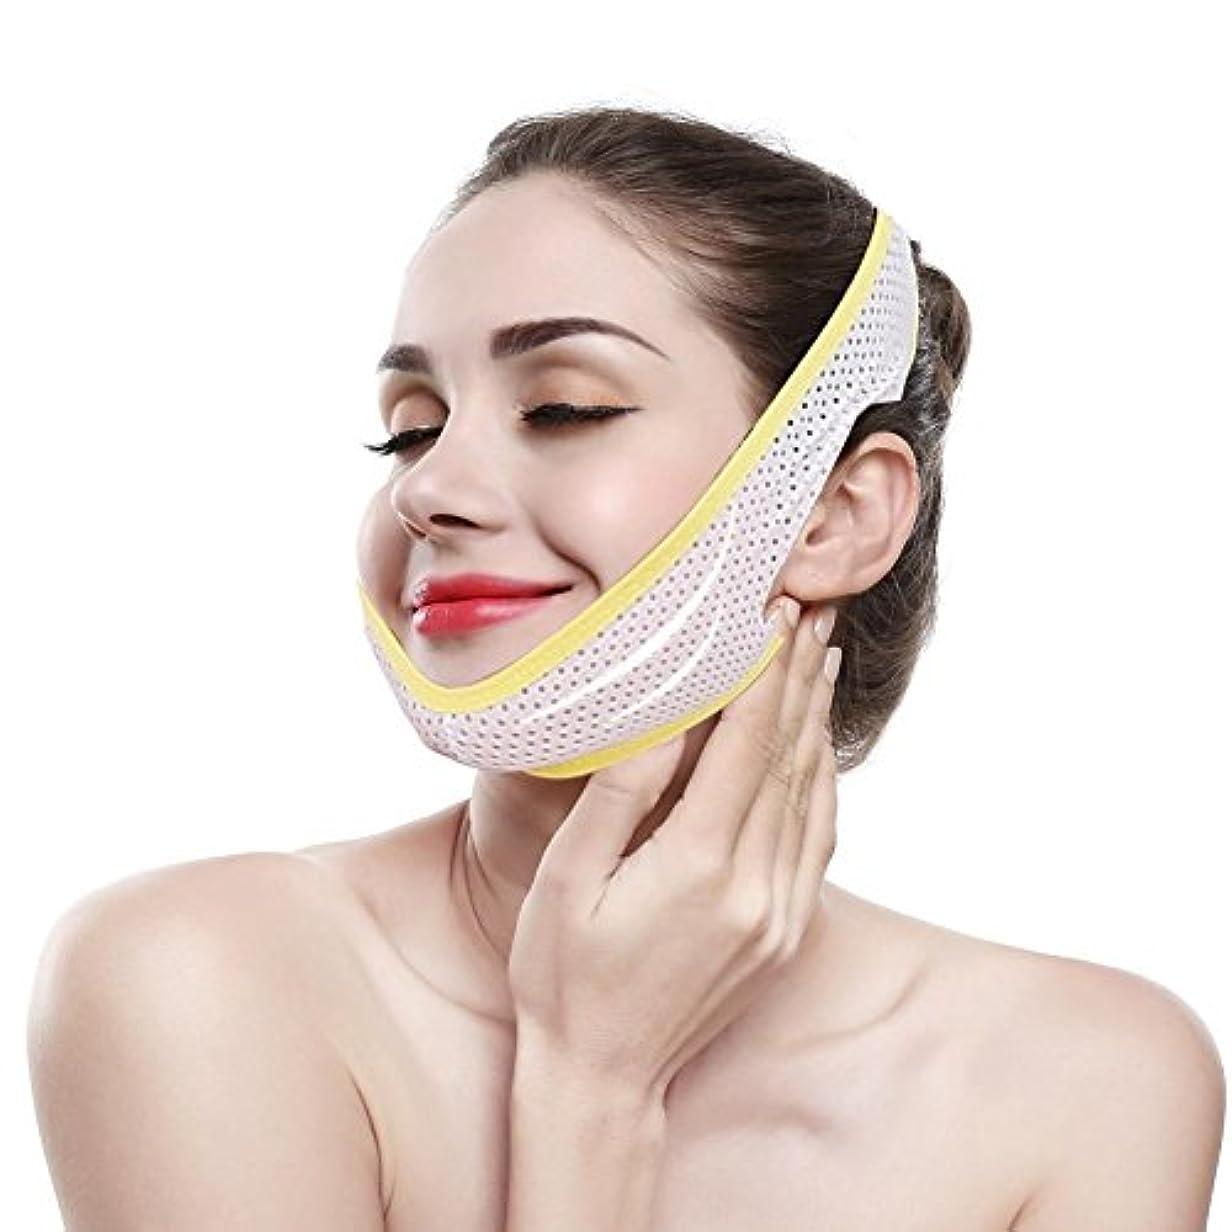 確執気をつけて気性顎リフト フェイススリミング包帯 フェイスベルト 顔の包帯スリミングダブルチンVラインとフェイシャルケアファーミングスキン 女性の超薄型 フェイスマス クラインベルト スリミング製品マスク(L)